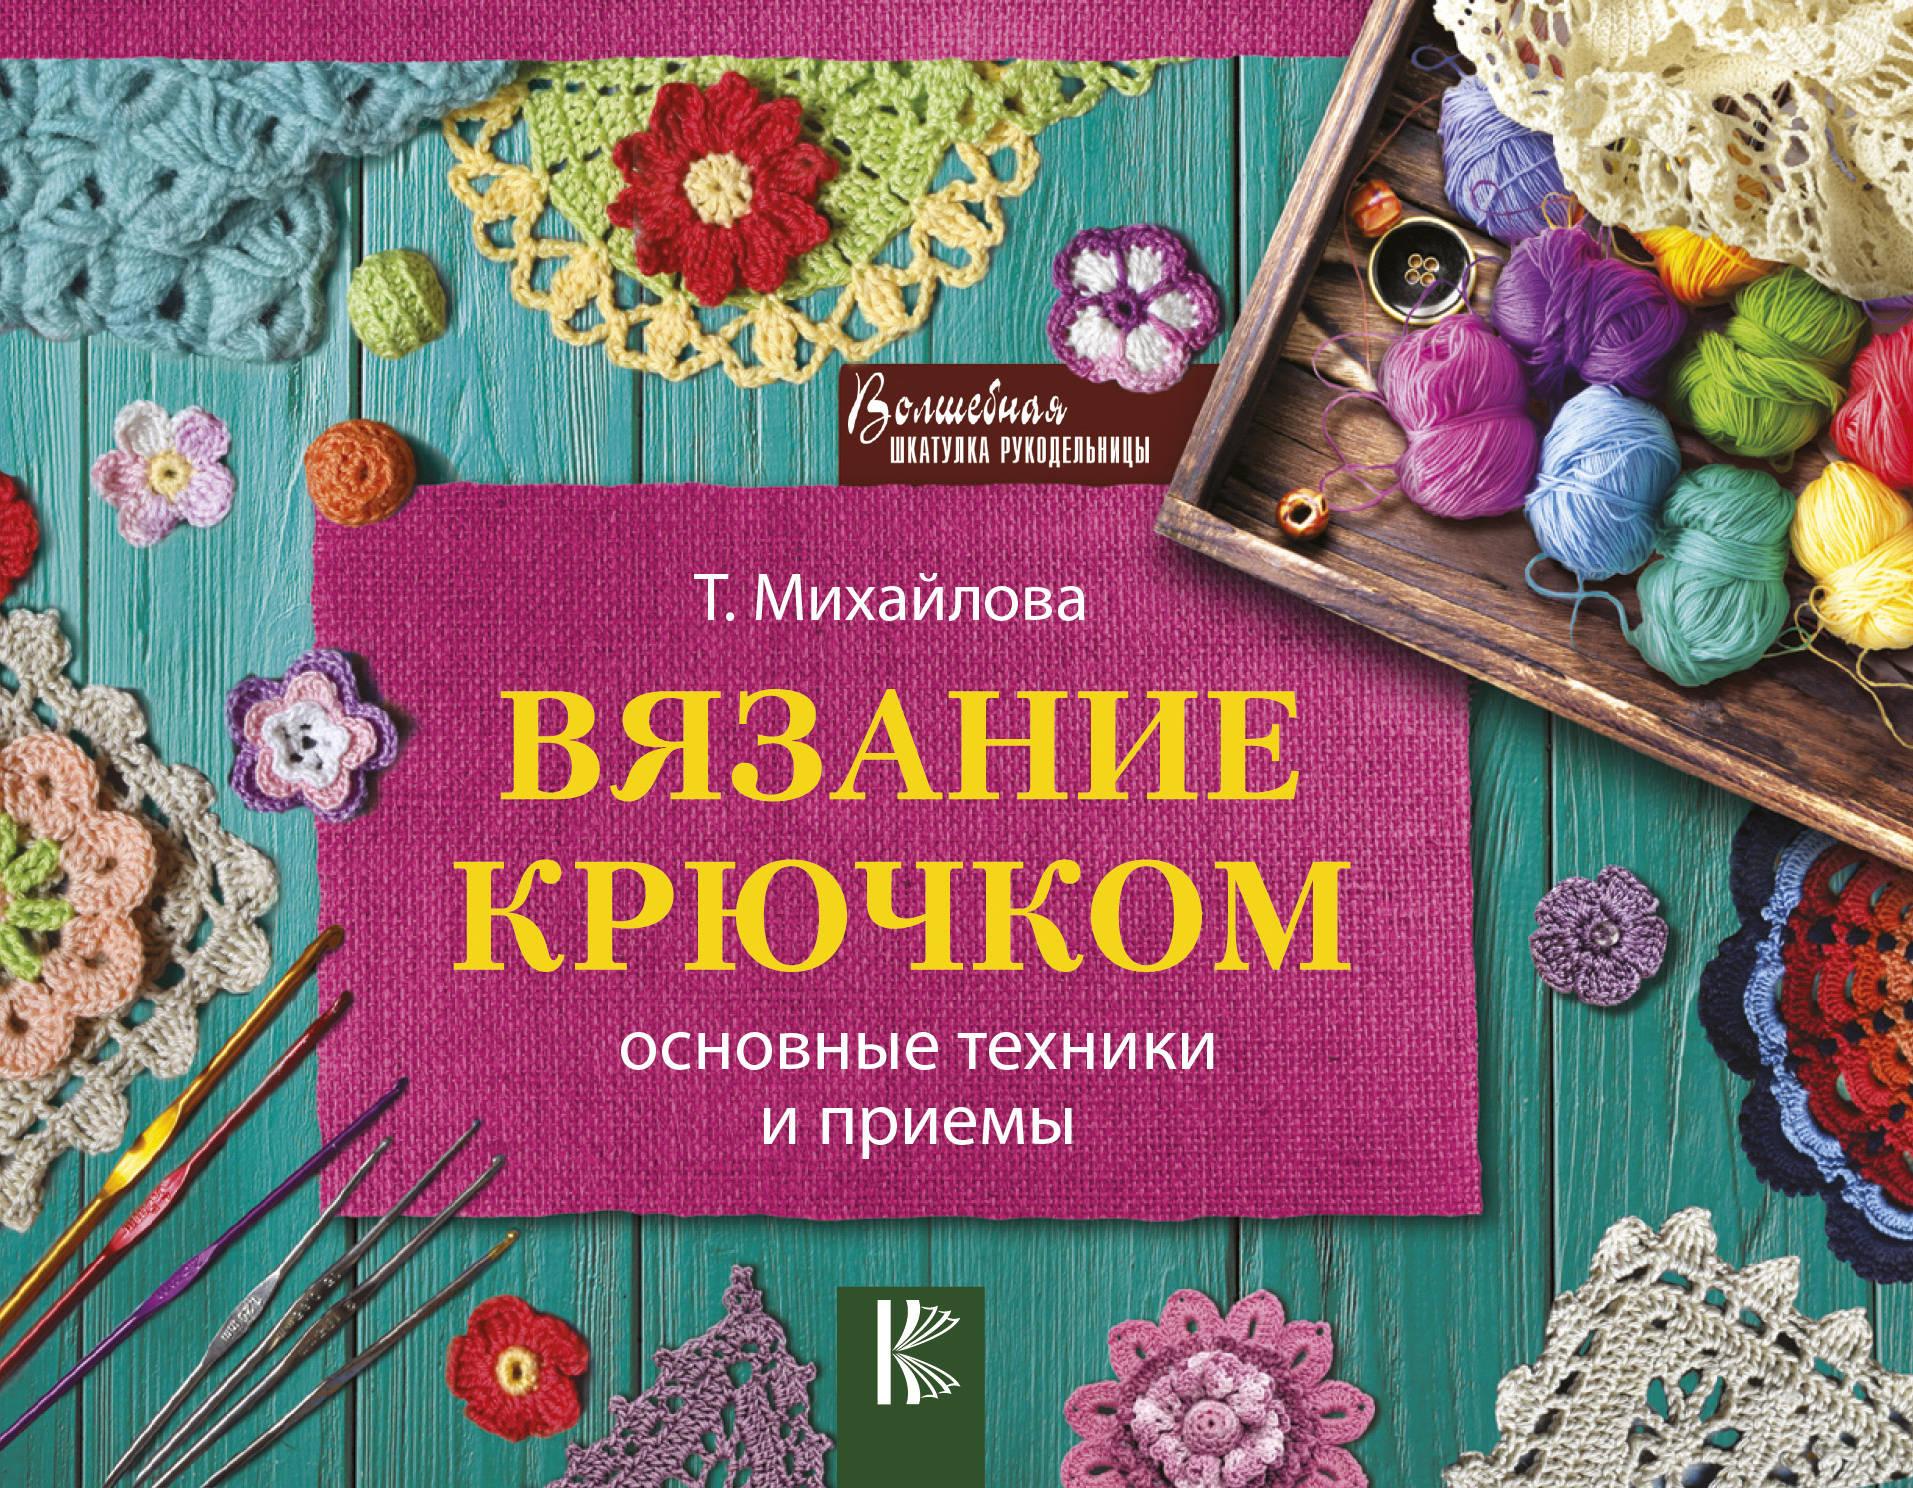 Т. Михайлова Вязание крючком. Основные техники и приемы